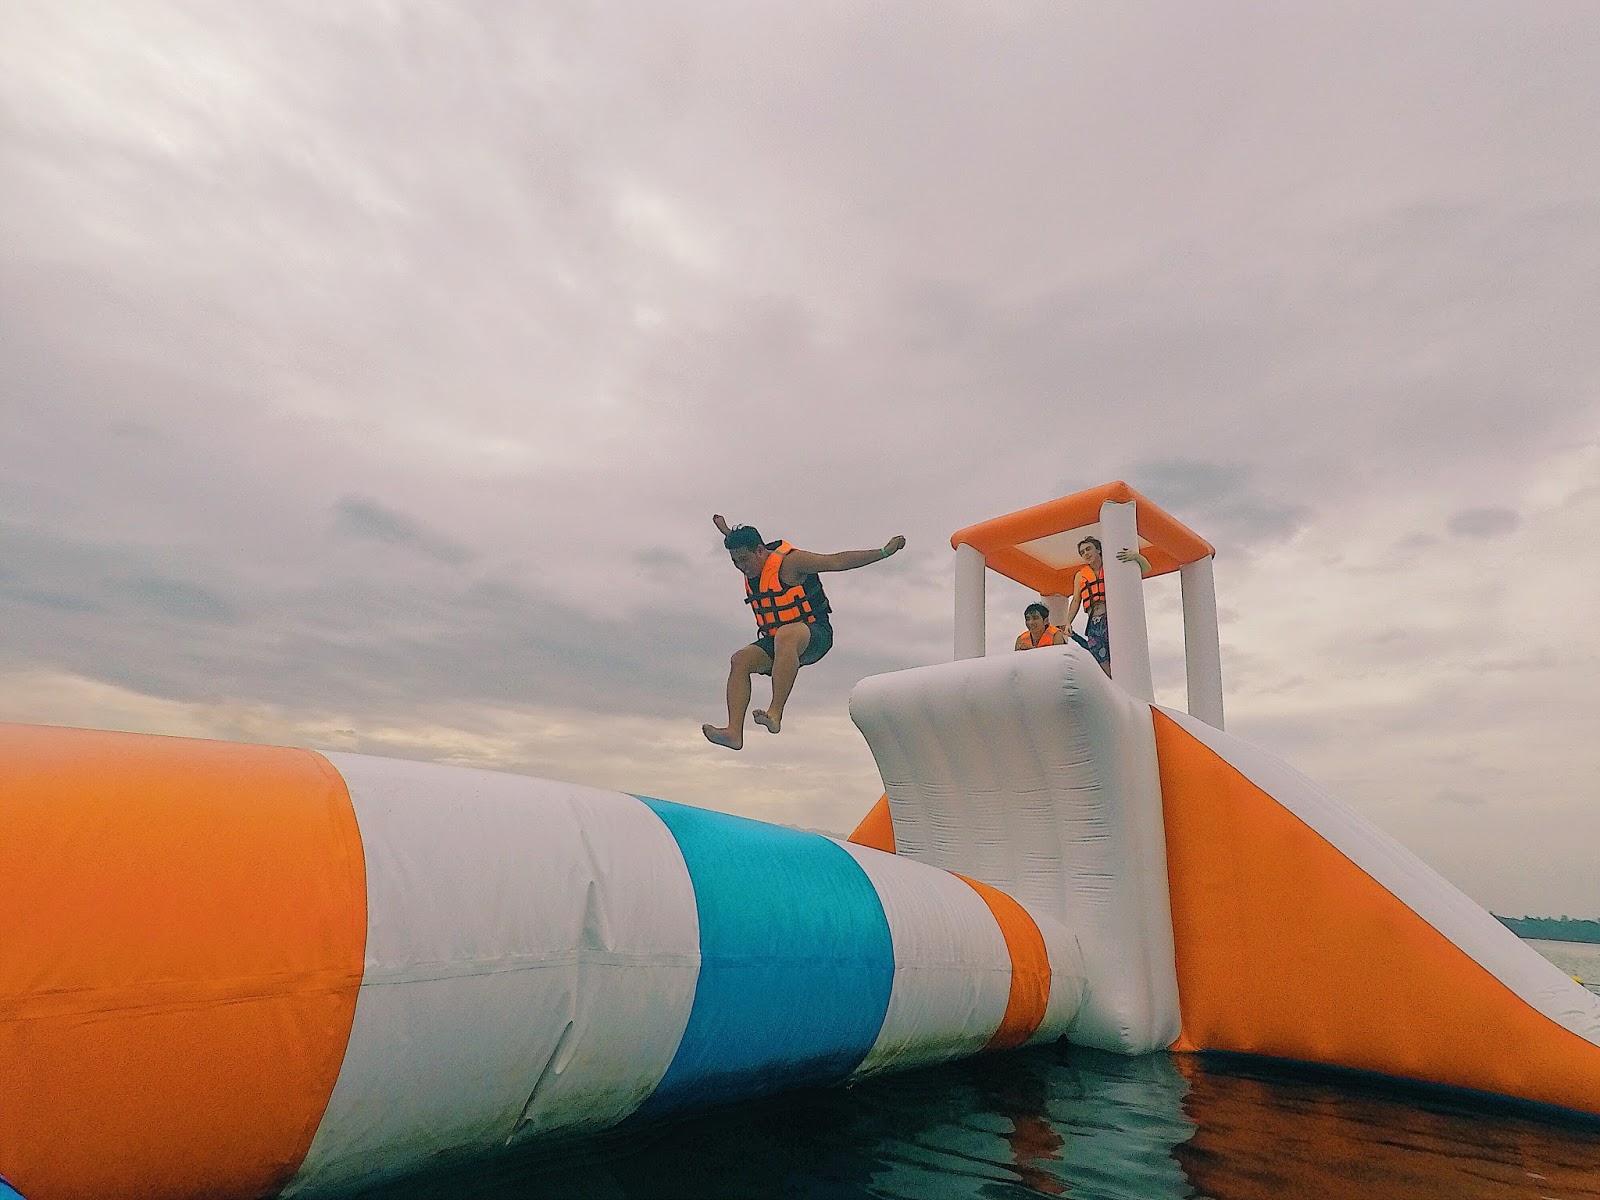 Inflatable Island Human Launcher